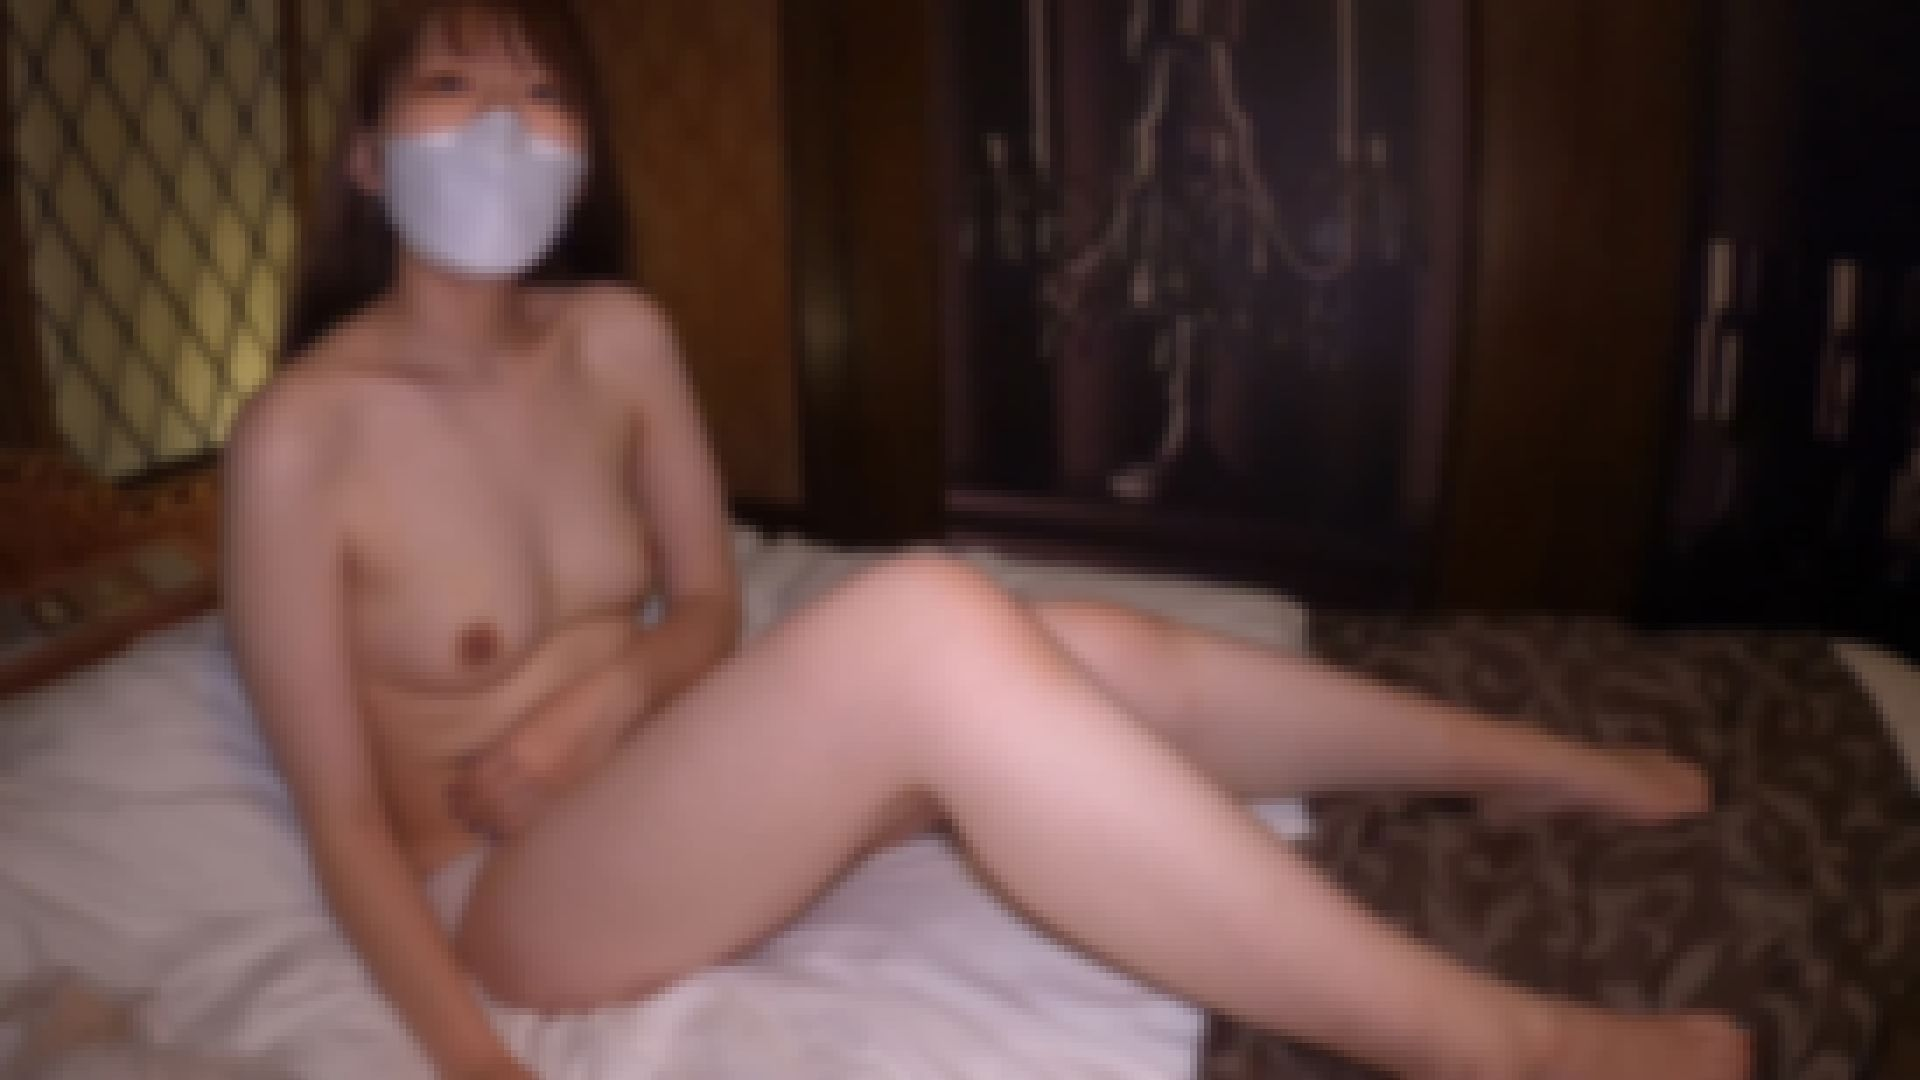 はれんち素人Vol.2 / ななみ(19) 身長175cm サンプル画像1